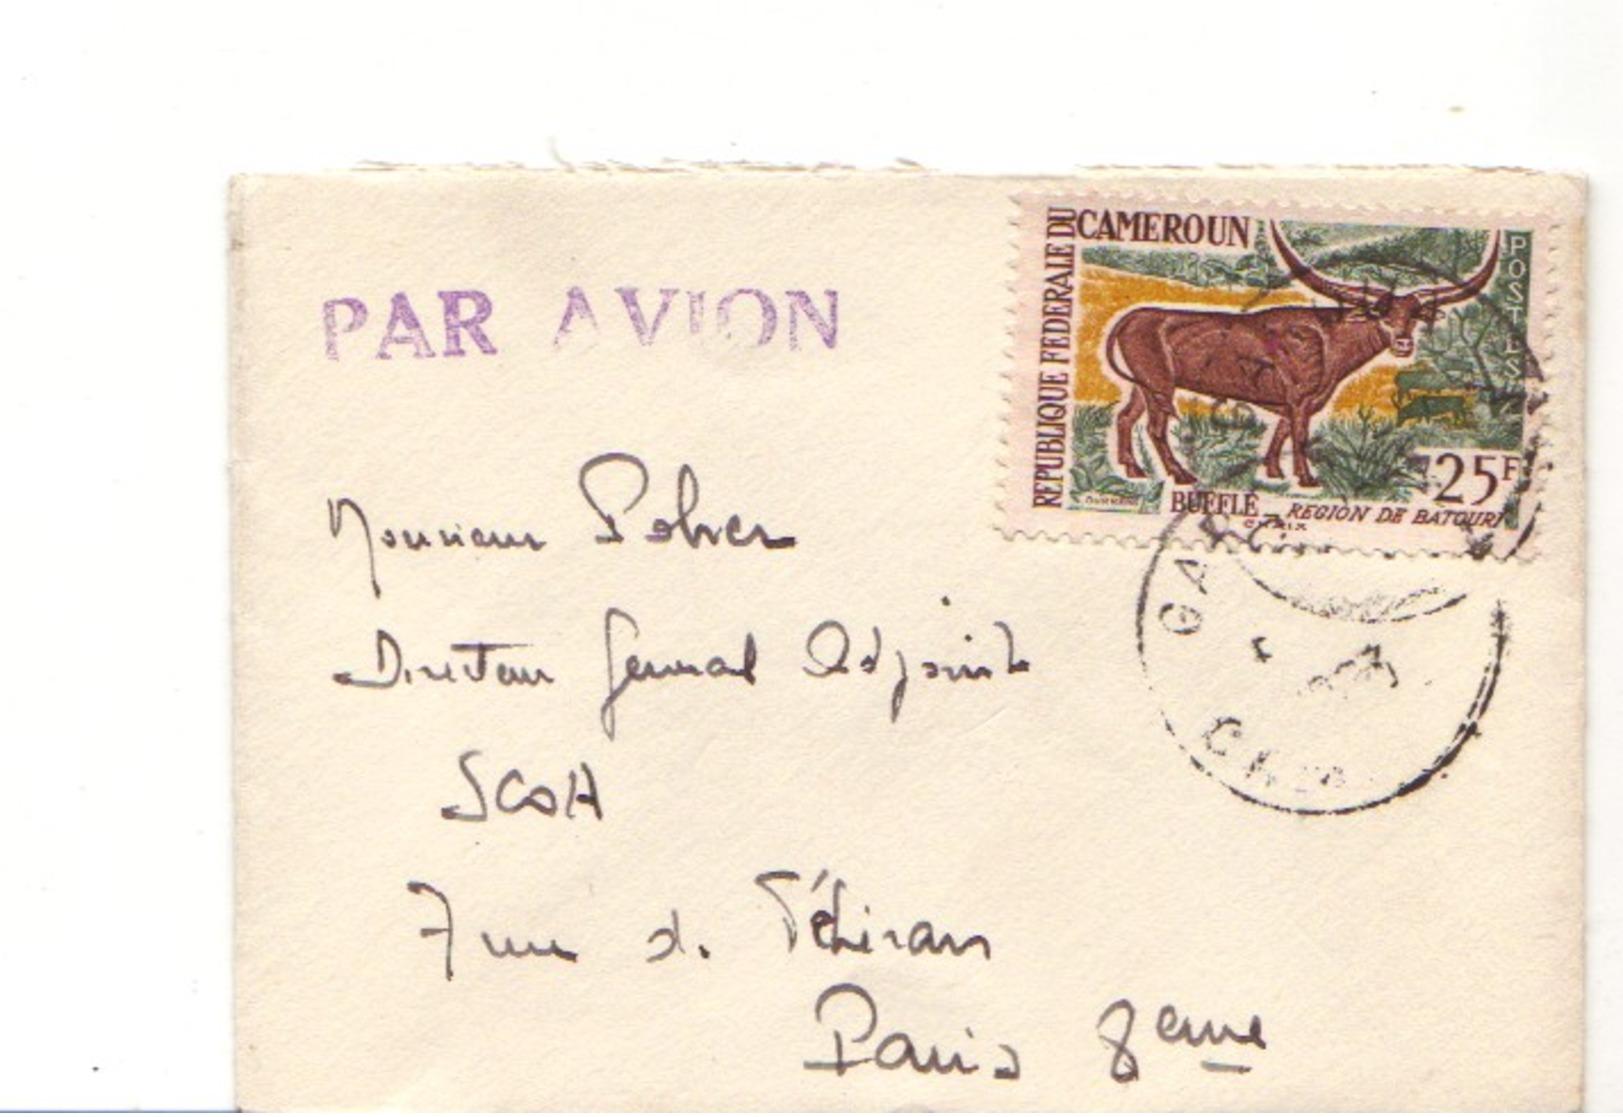 CAMEROUN :  1963 - Lettre Par Avion Pour La France - Bufle - Cameroun (1960-...)